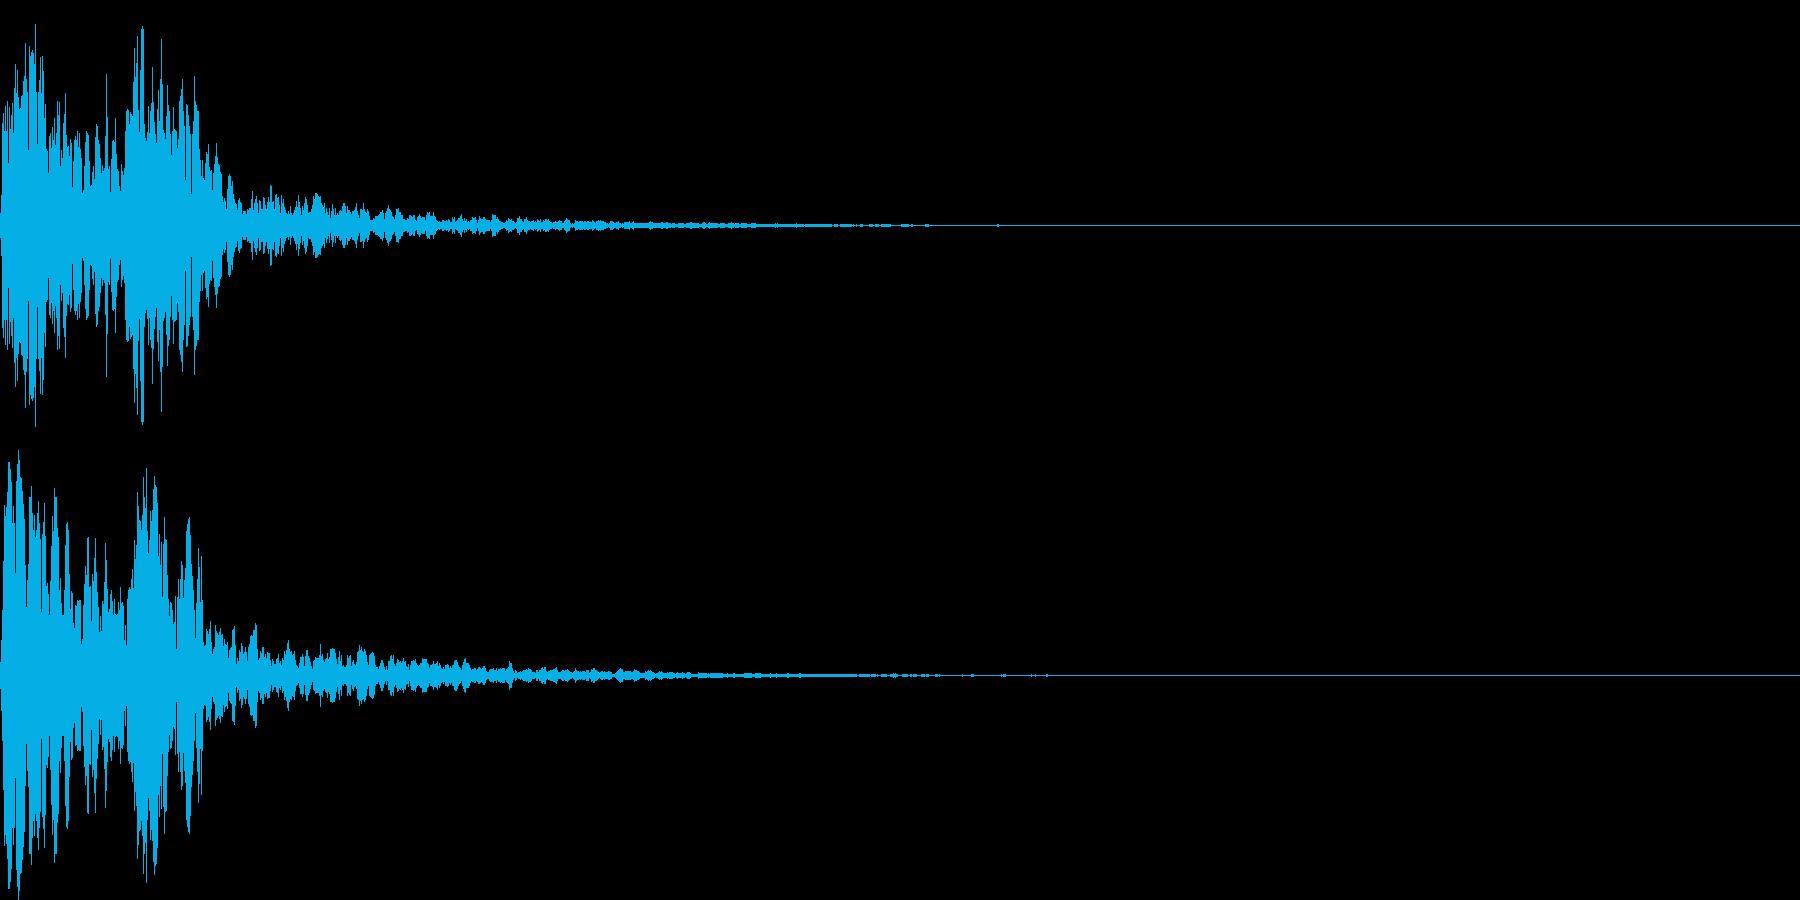 鼓(つづみ)太鼓のフレーズ ジングル1sの再生済みの波形